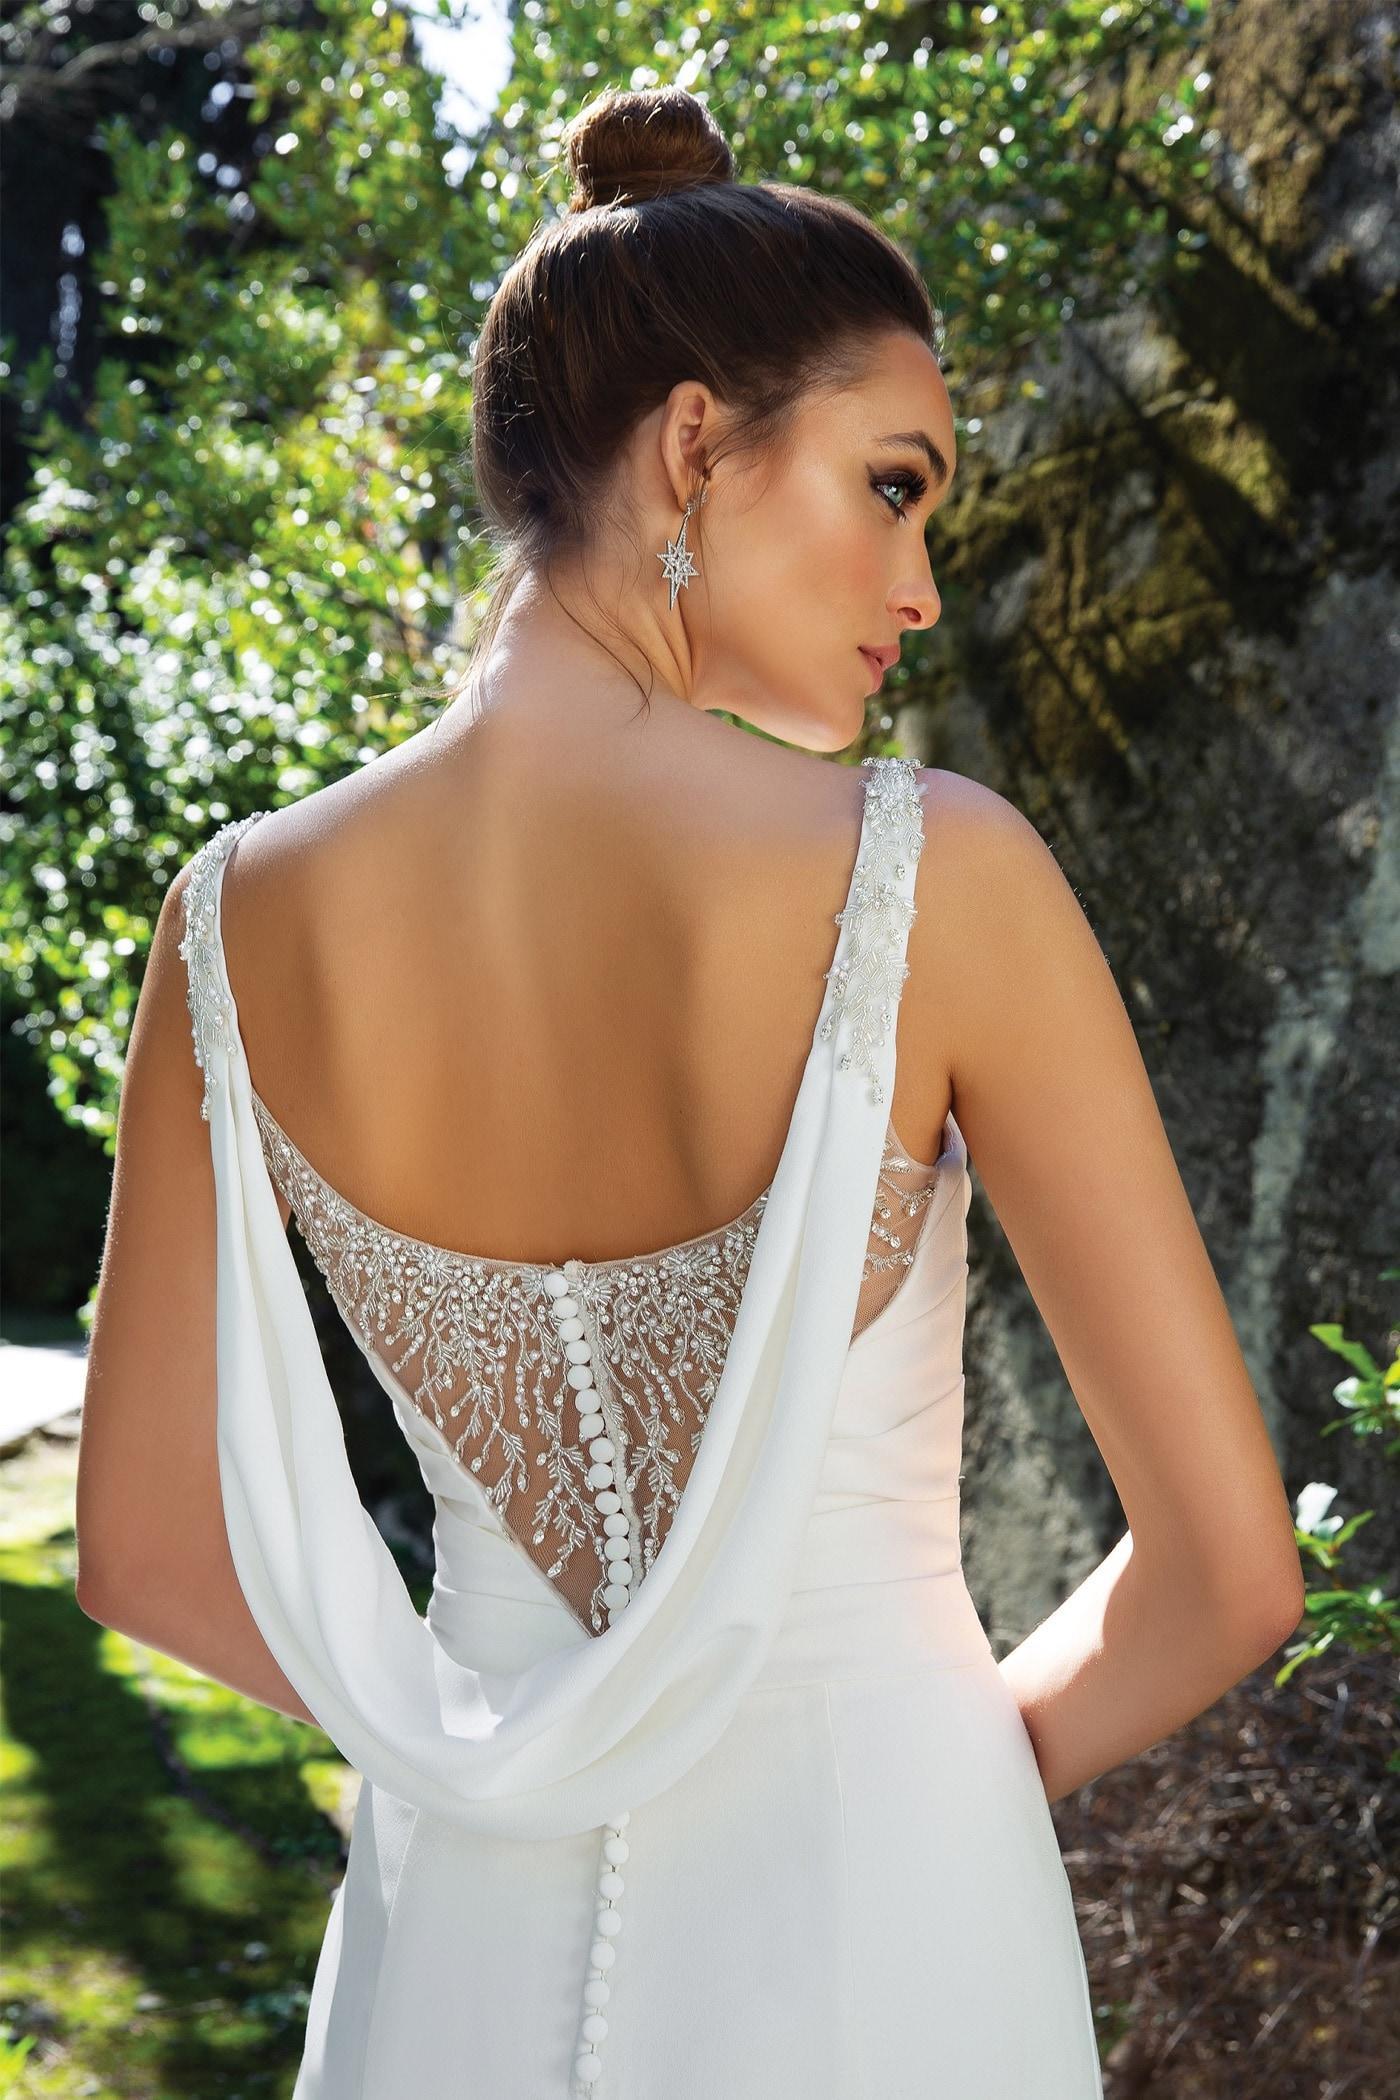 Fit-and-Flare-Brautkleid mit Rundhals-Ausschnitt, Strass-Details, raffiniertem Rücken und Schleppe von Justin Alexander, Modell 88108